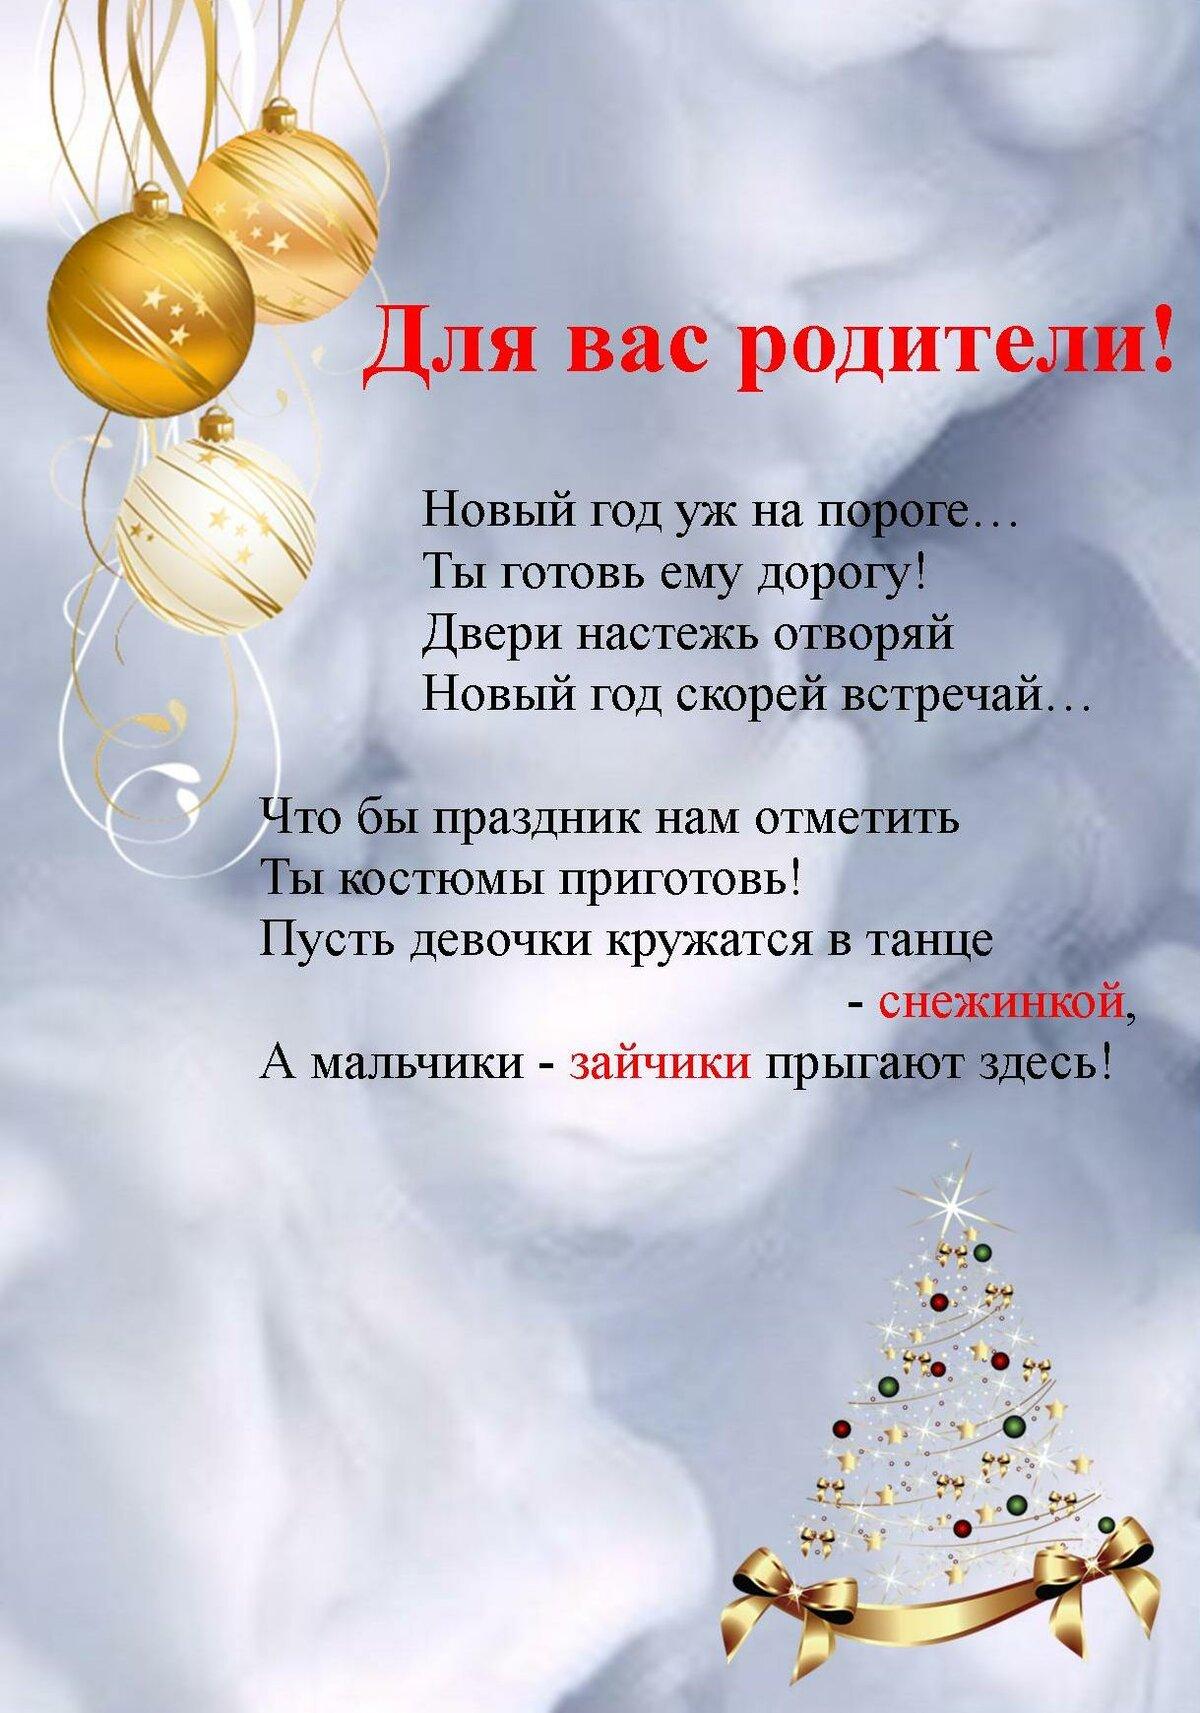 Поздравления с новым годом воспитателя от родителей в детском саду